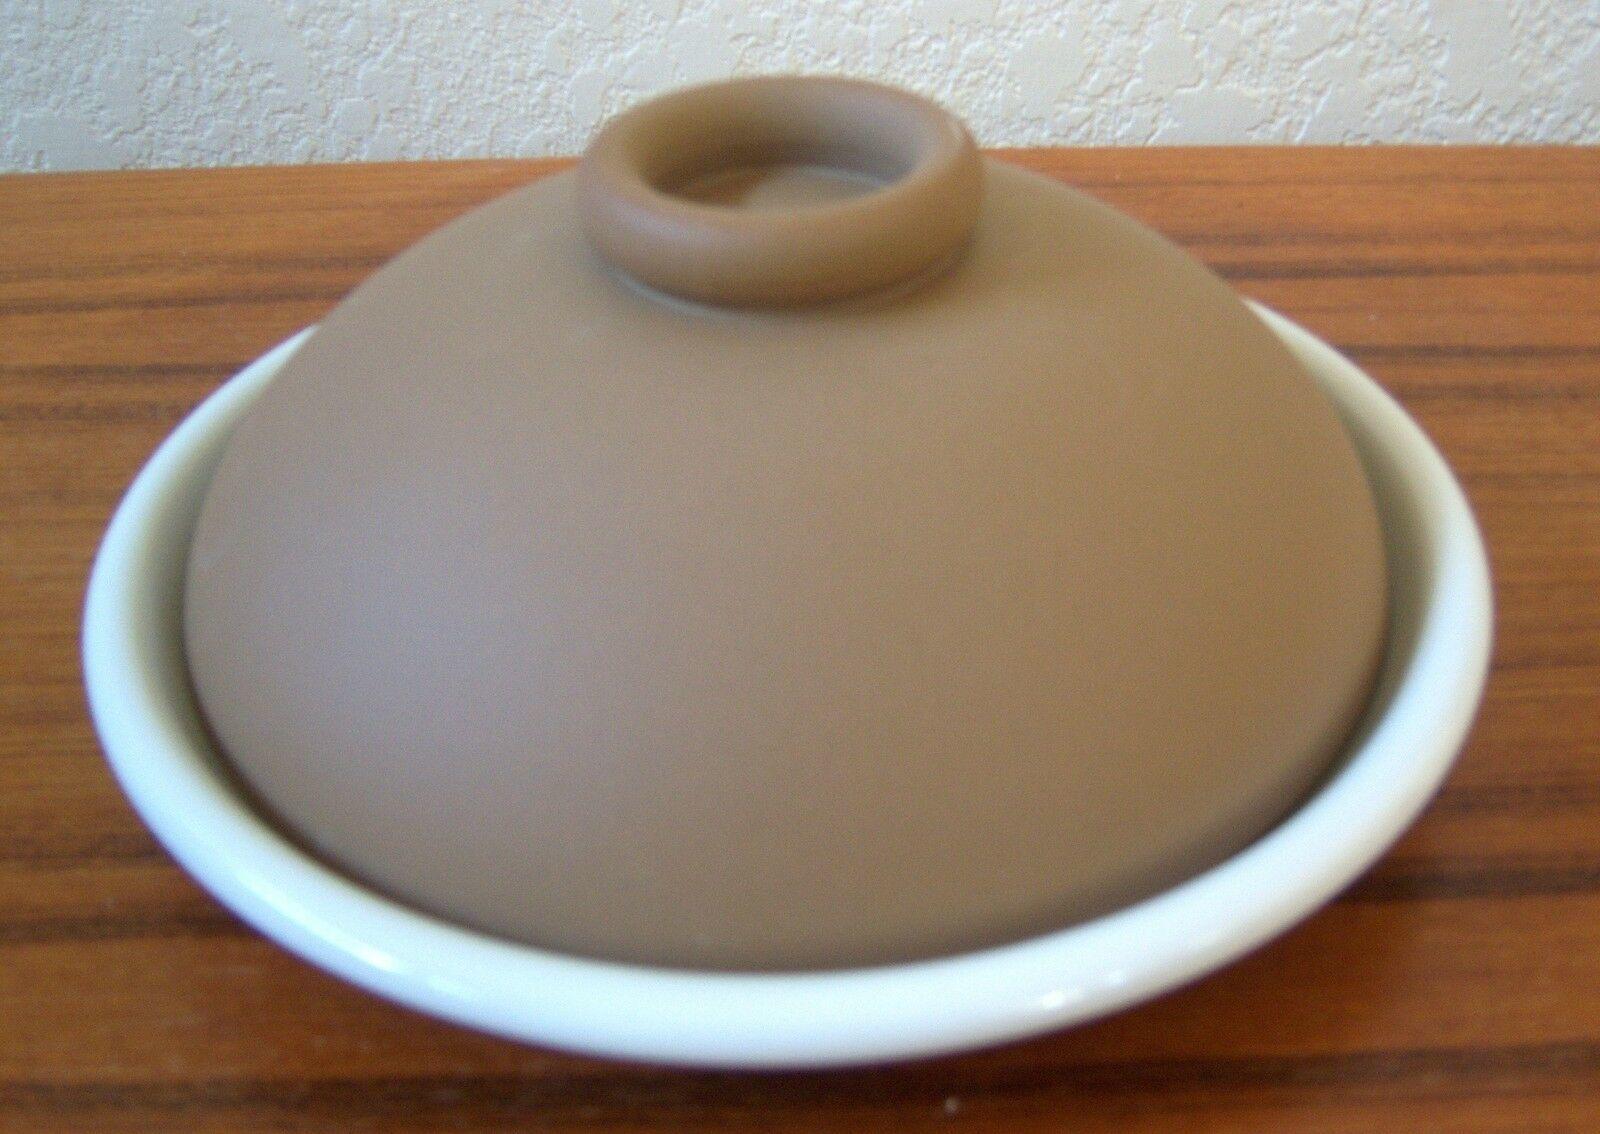 STUDIO NOVA BONNE CUISINE Plate Dish Serving w Lid GERALD PATRICK VINTAGE NEW - $69.89